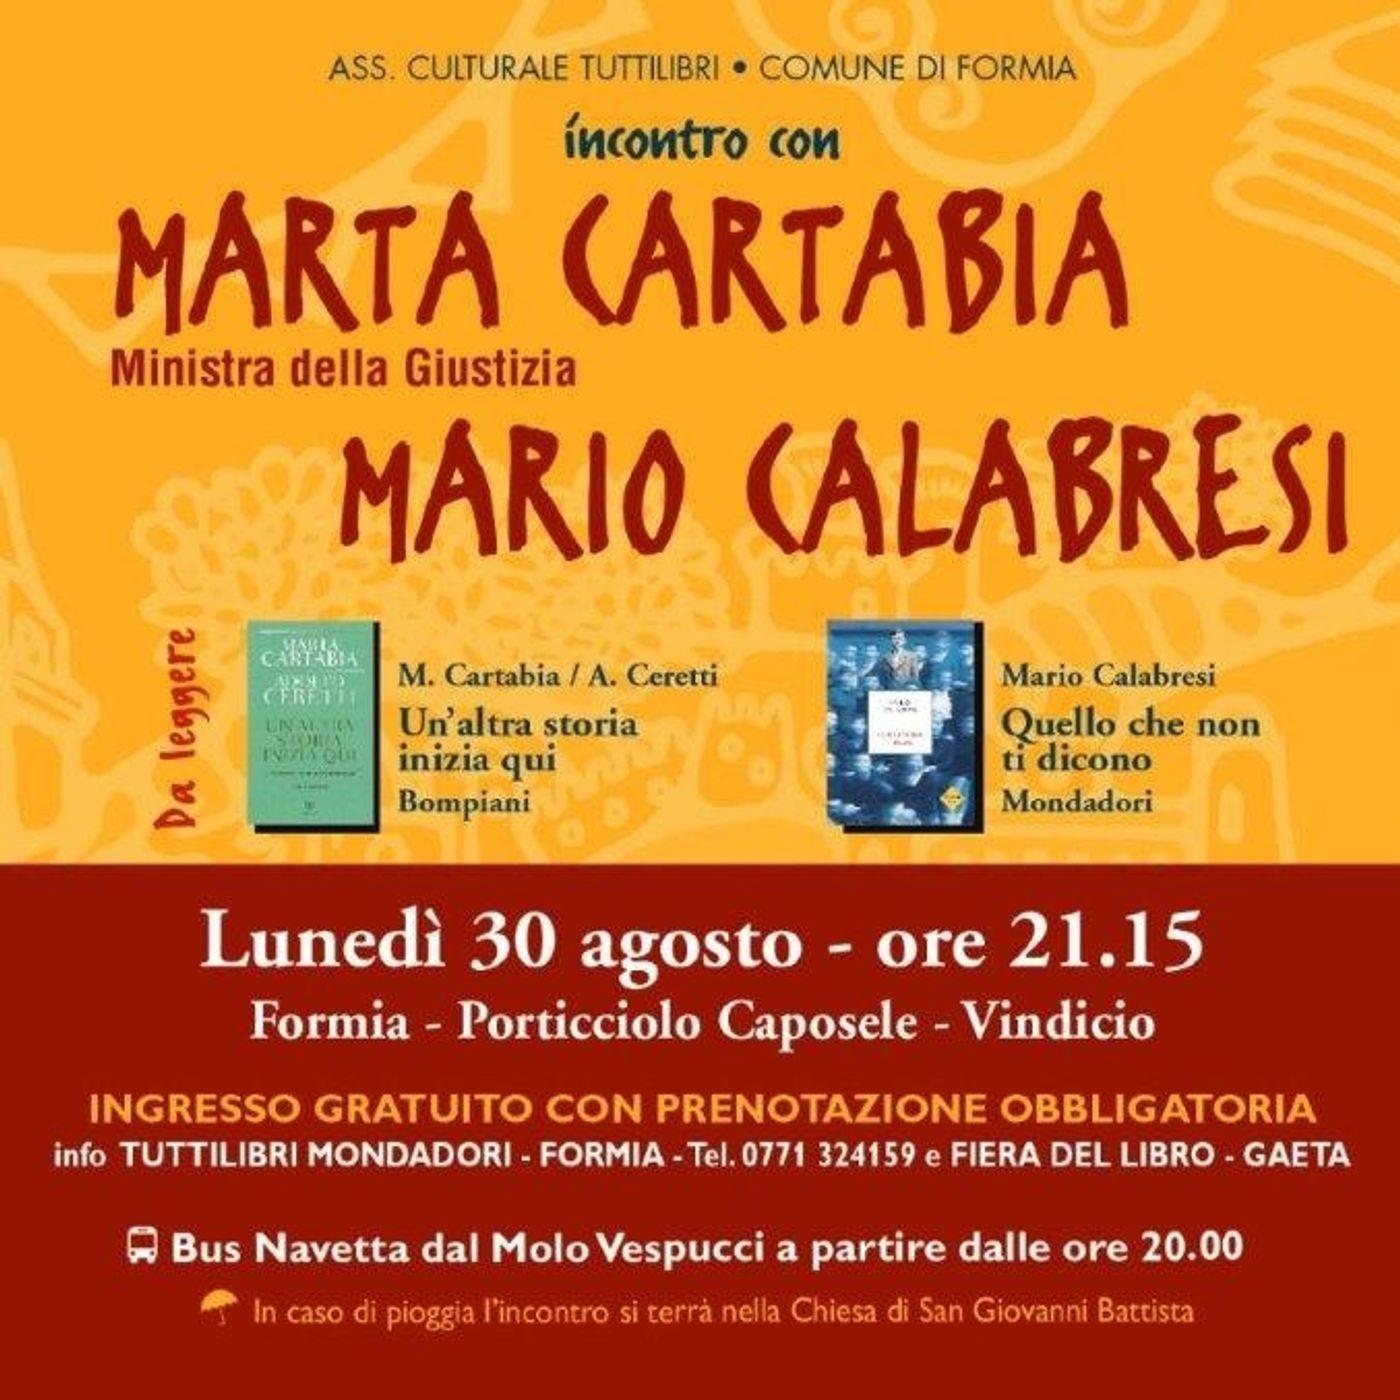 Marta Cartabia e Mario Calabresi a Libri Sulla Cresta dell'Onda 2021